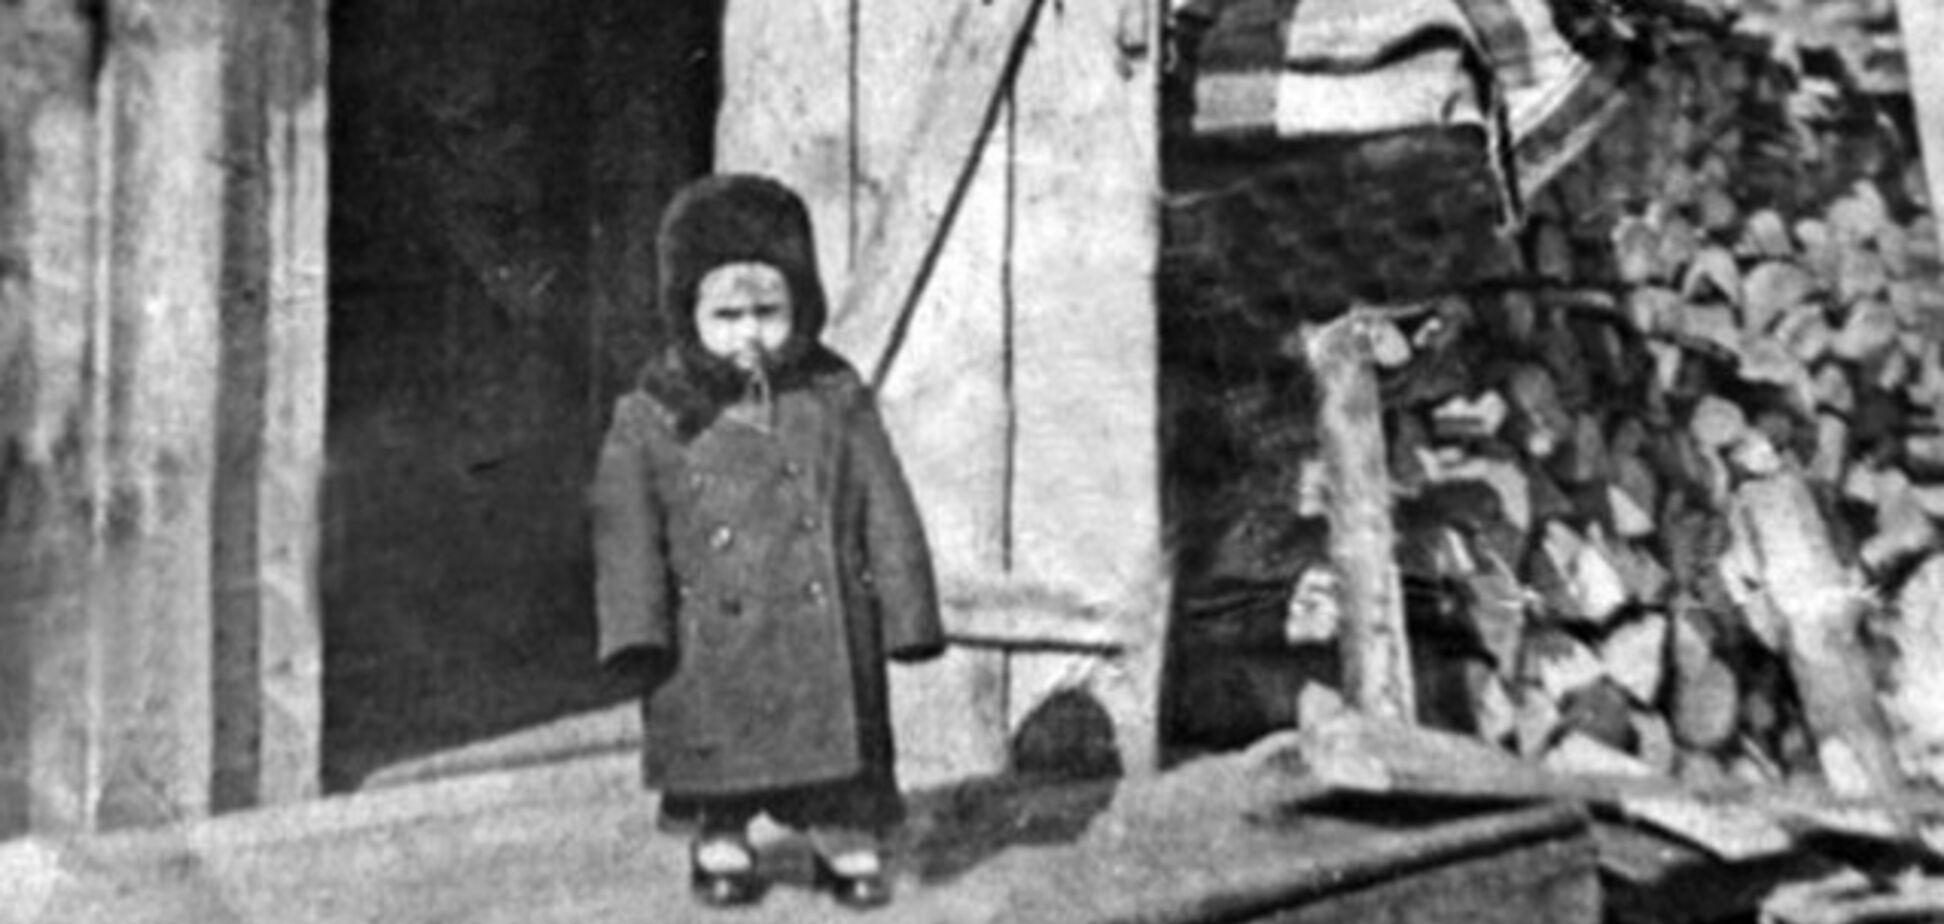 В Україні вшановують пам'ять жертв депортації кримських татар з Криму: трагедія в цифрах